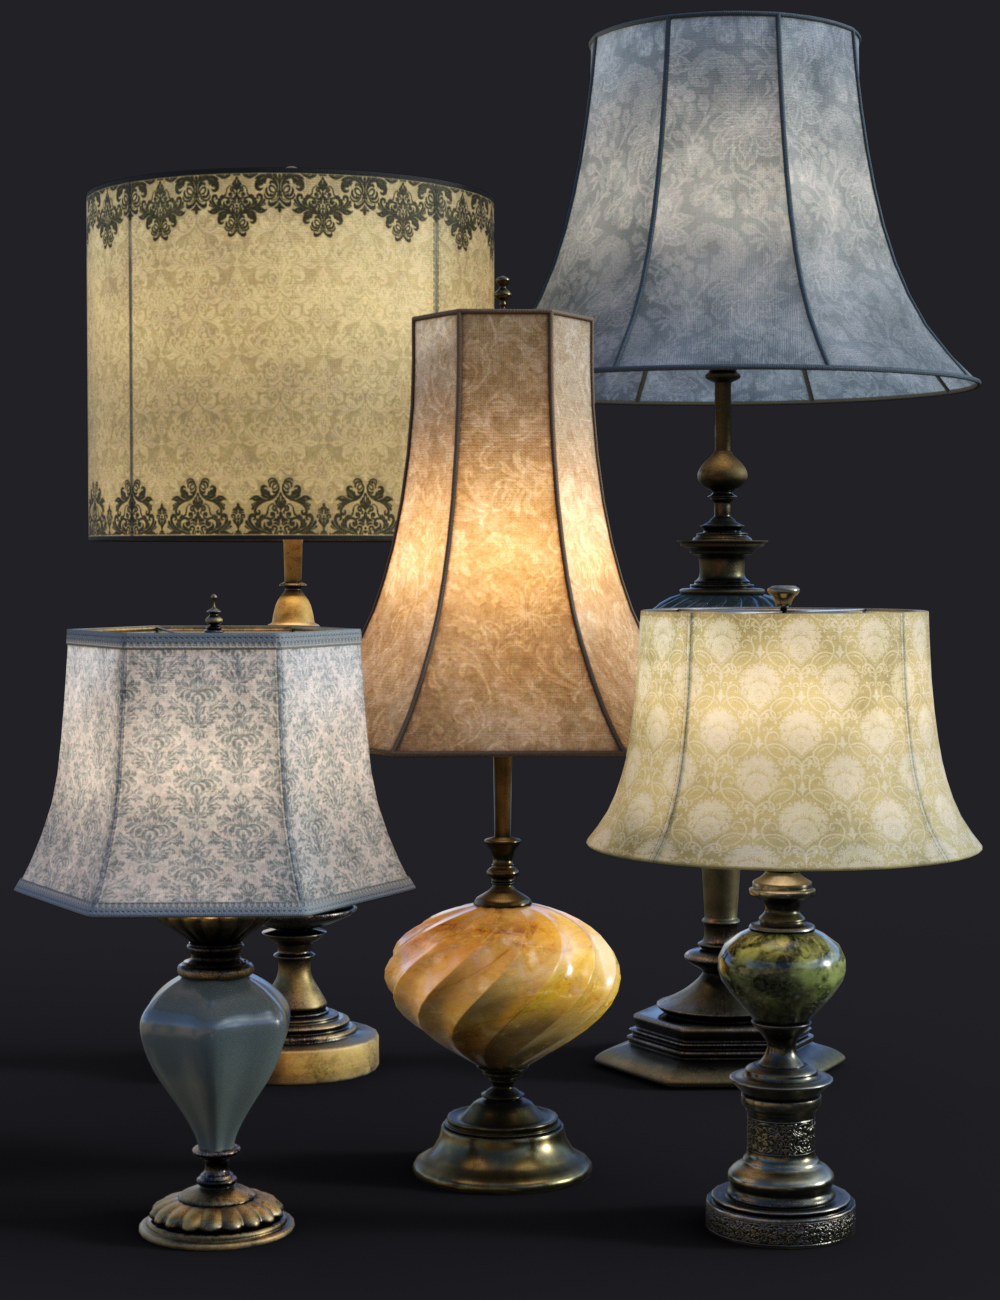 B.E.T.T.Y. Vintage Decor 03 Table Lamps by: B.E.T.T.Y, 3D Models by Daz 3D